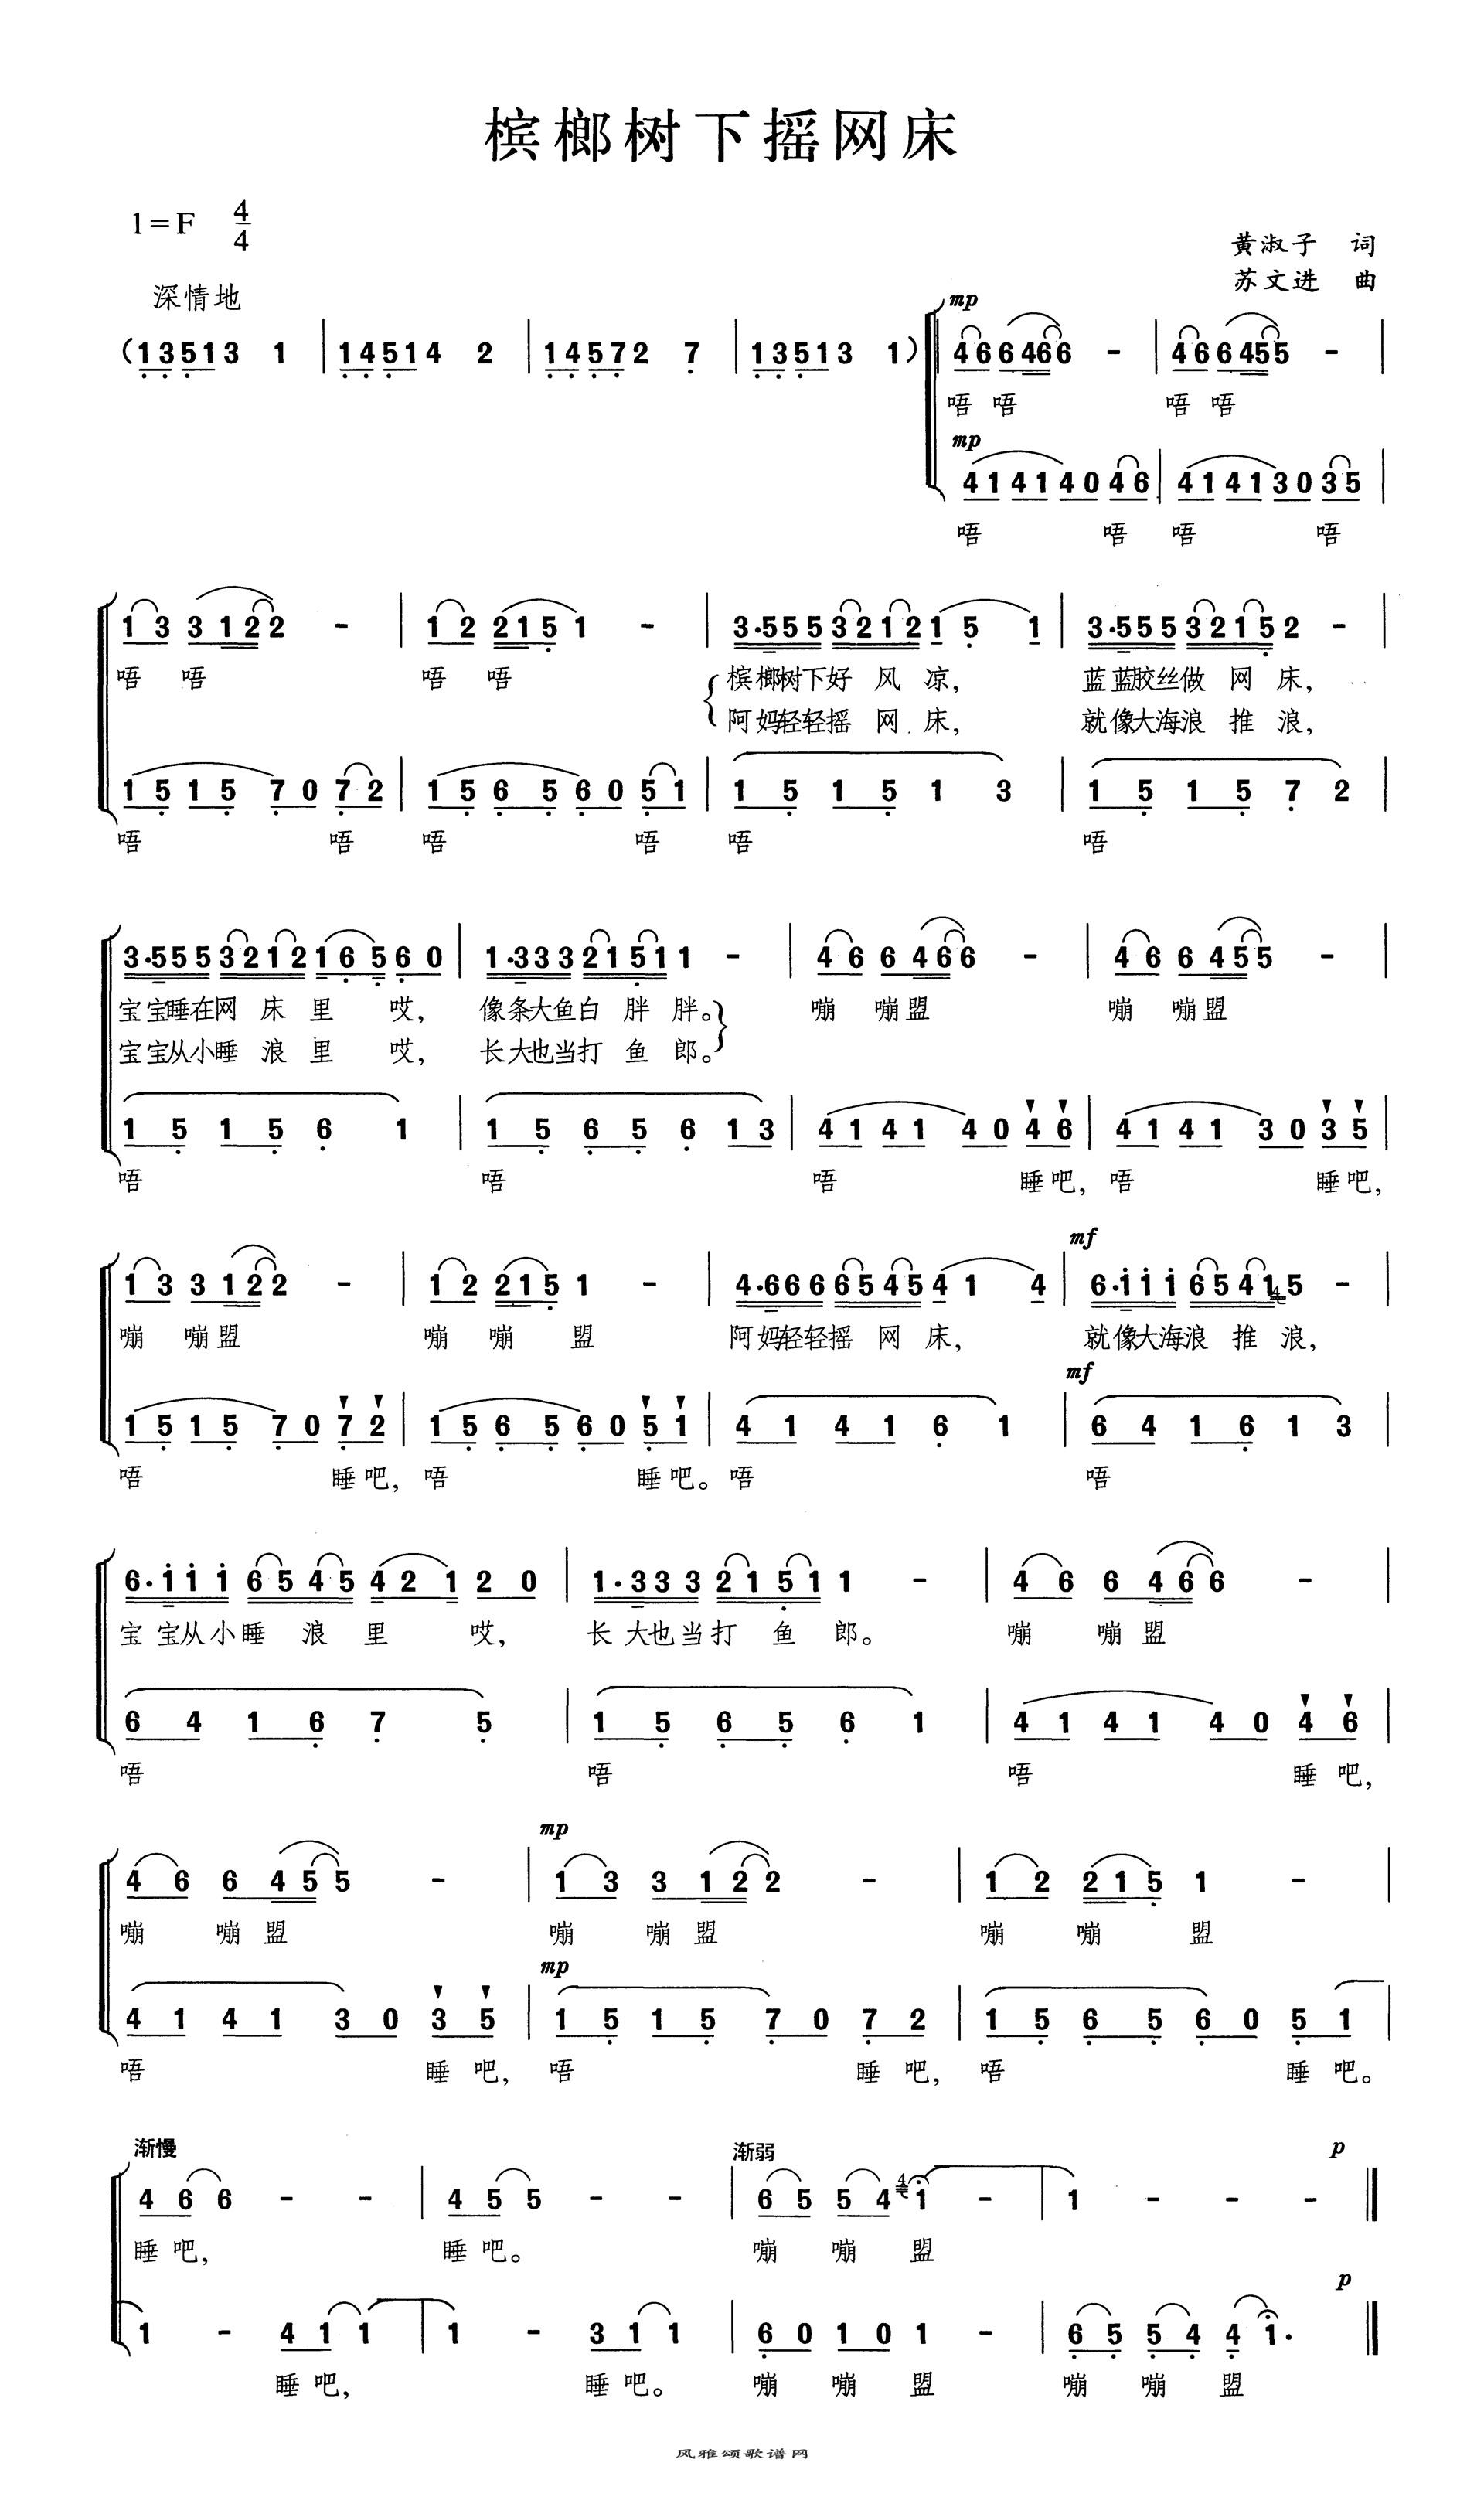 槟榔树下摇网床(童声)高清打印歌谱简谱